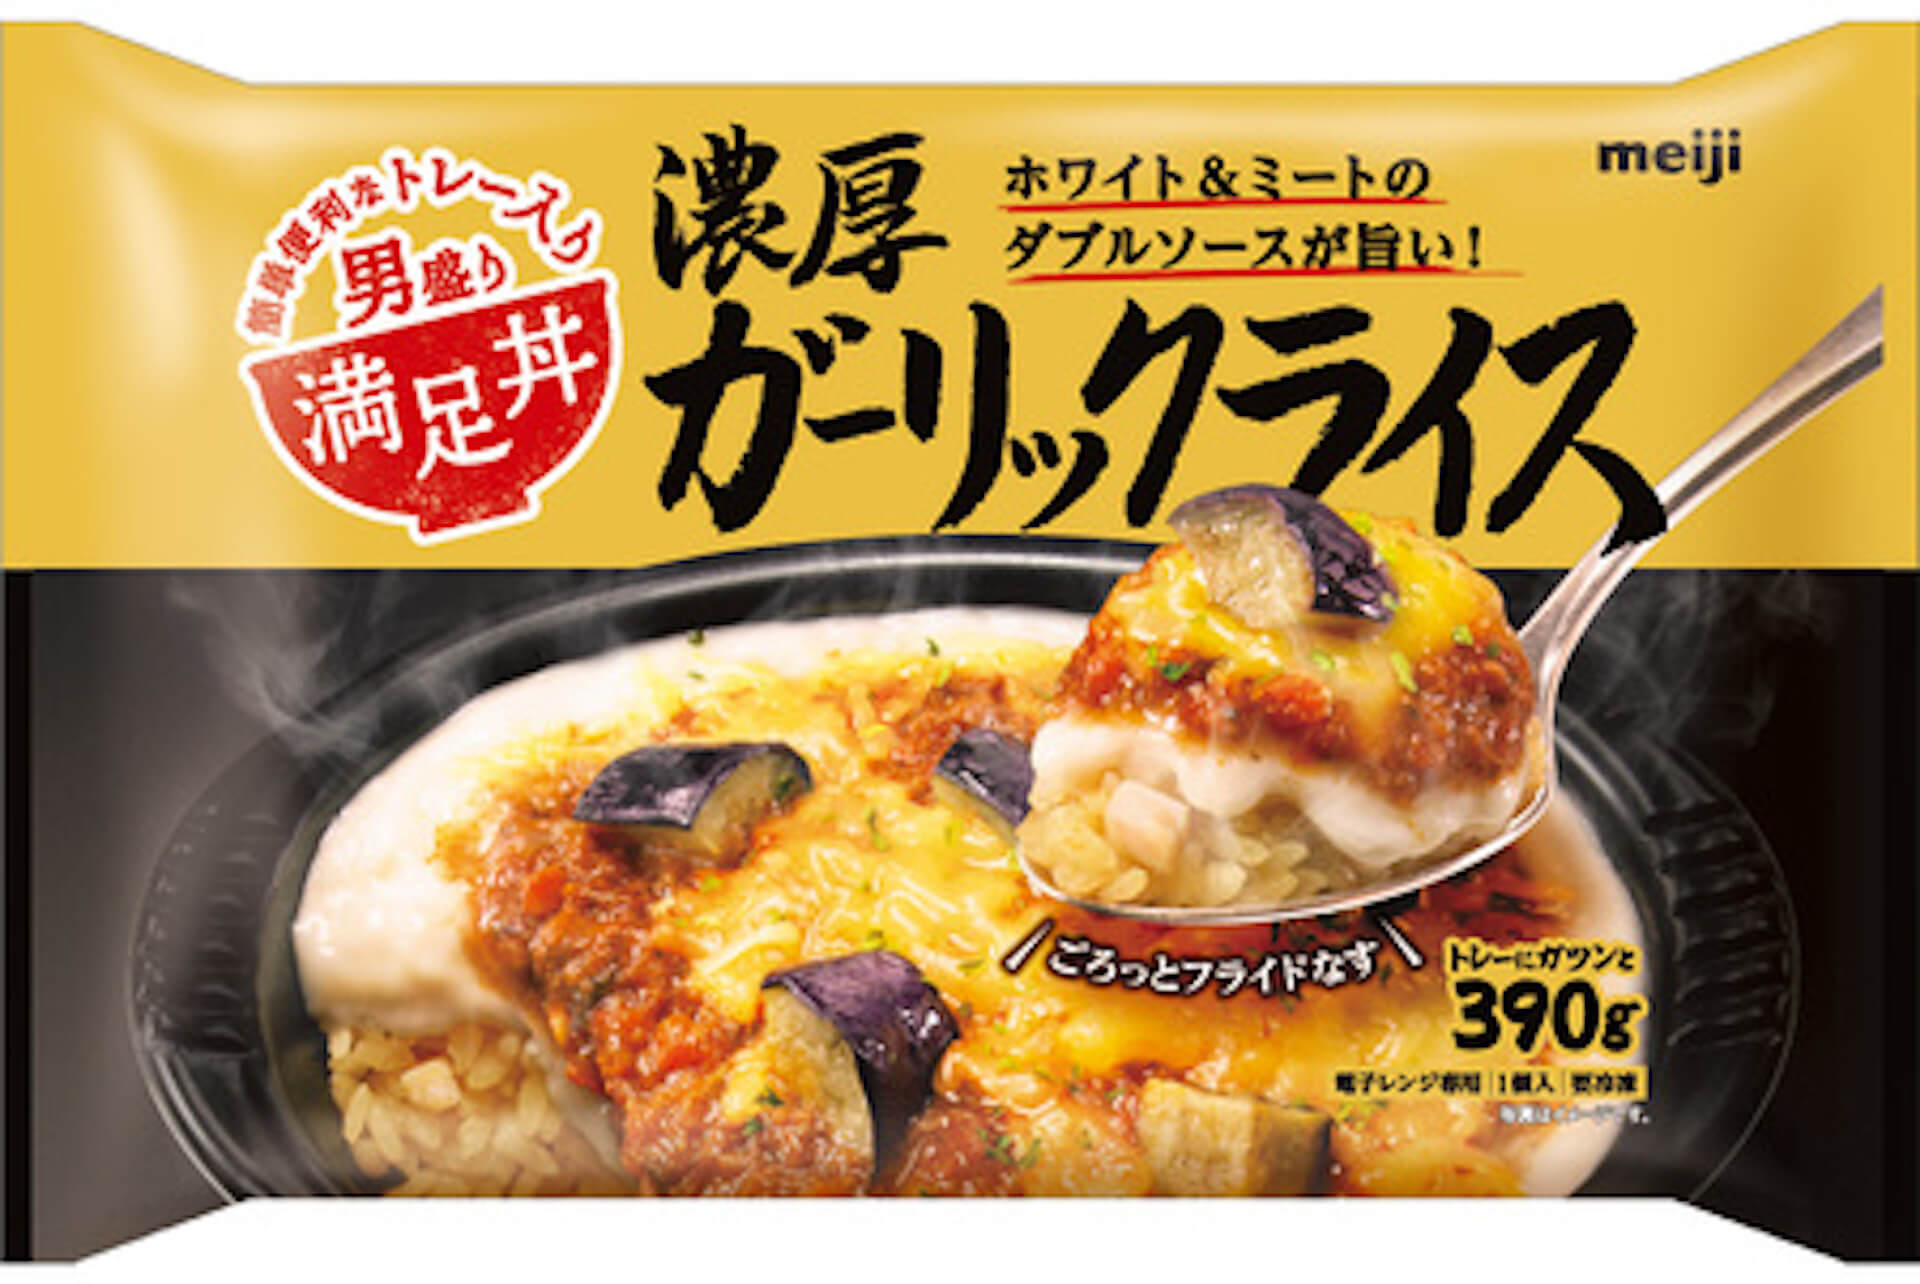 誇張した食レポ、エビのモノマネ…ハリウッドザコシショウの姿に思わず二度見してしまう「満足丼」WEBCM4本が公開 gourmet190917_manzokudon_2